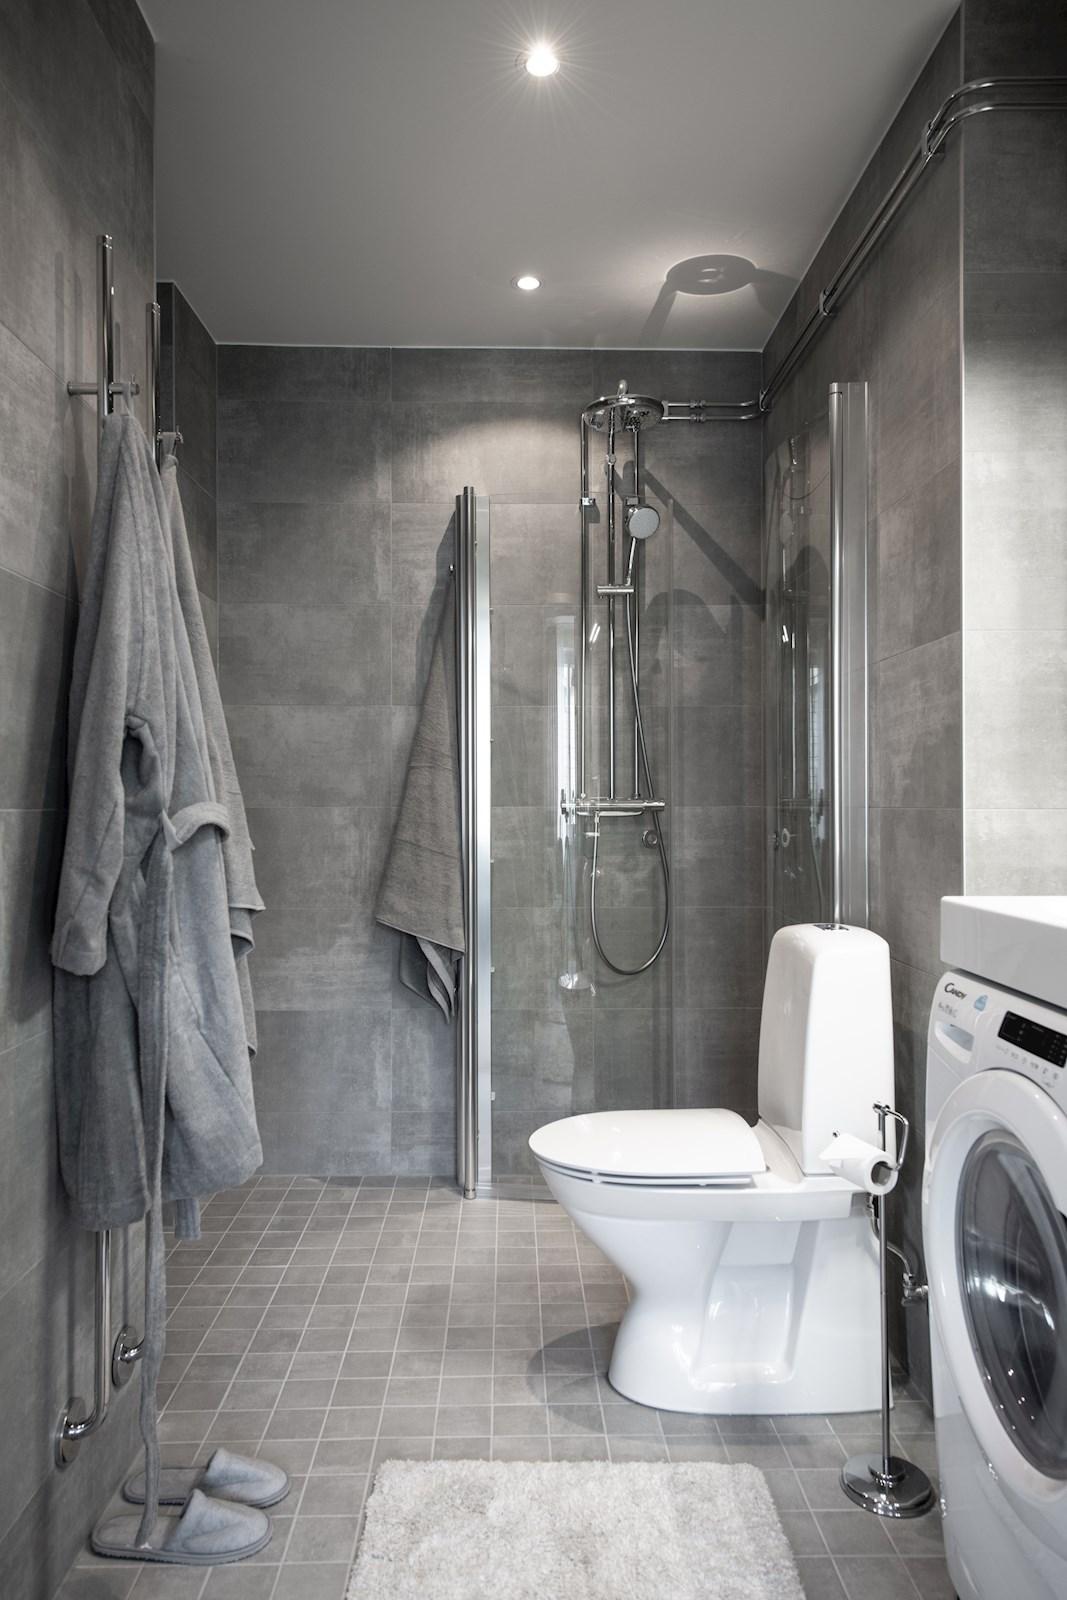 Exklusivt badrum med värmegolv, takdusch med glasdörrar, dubbla handdukstorkar samt tvätt och tork